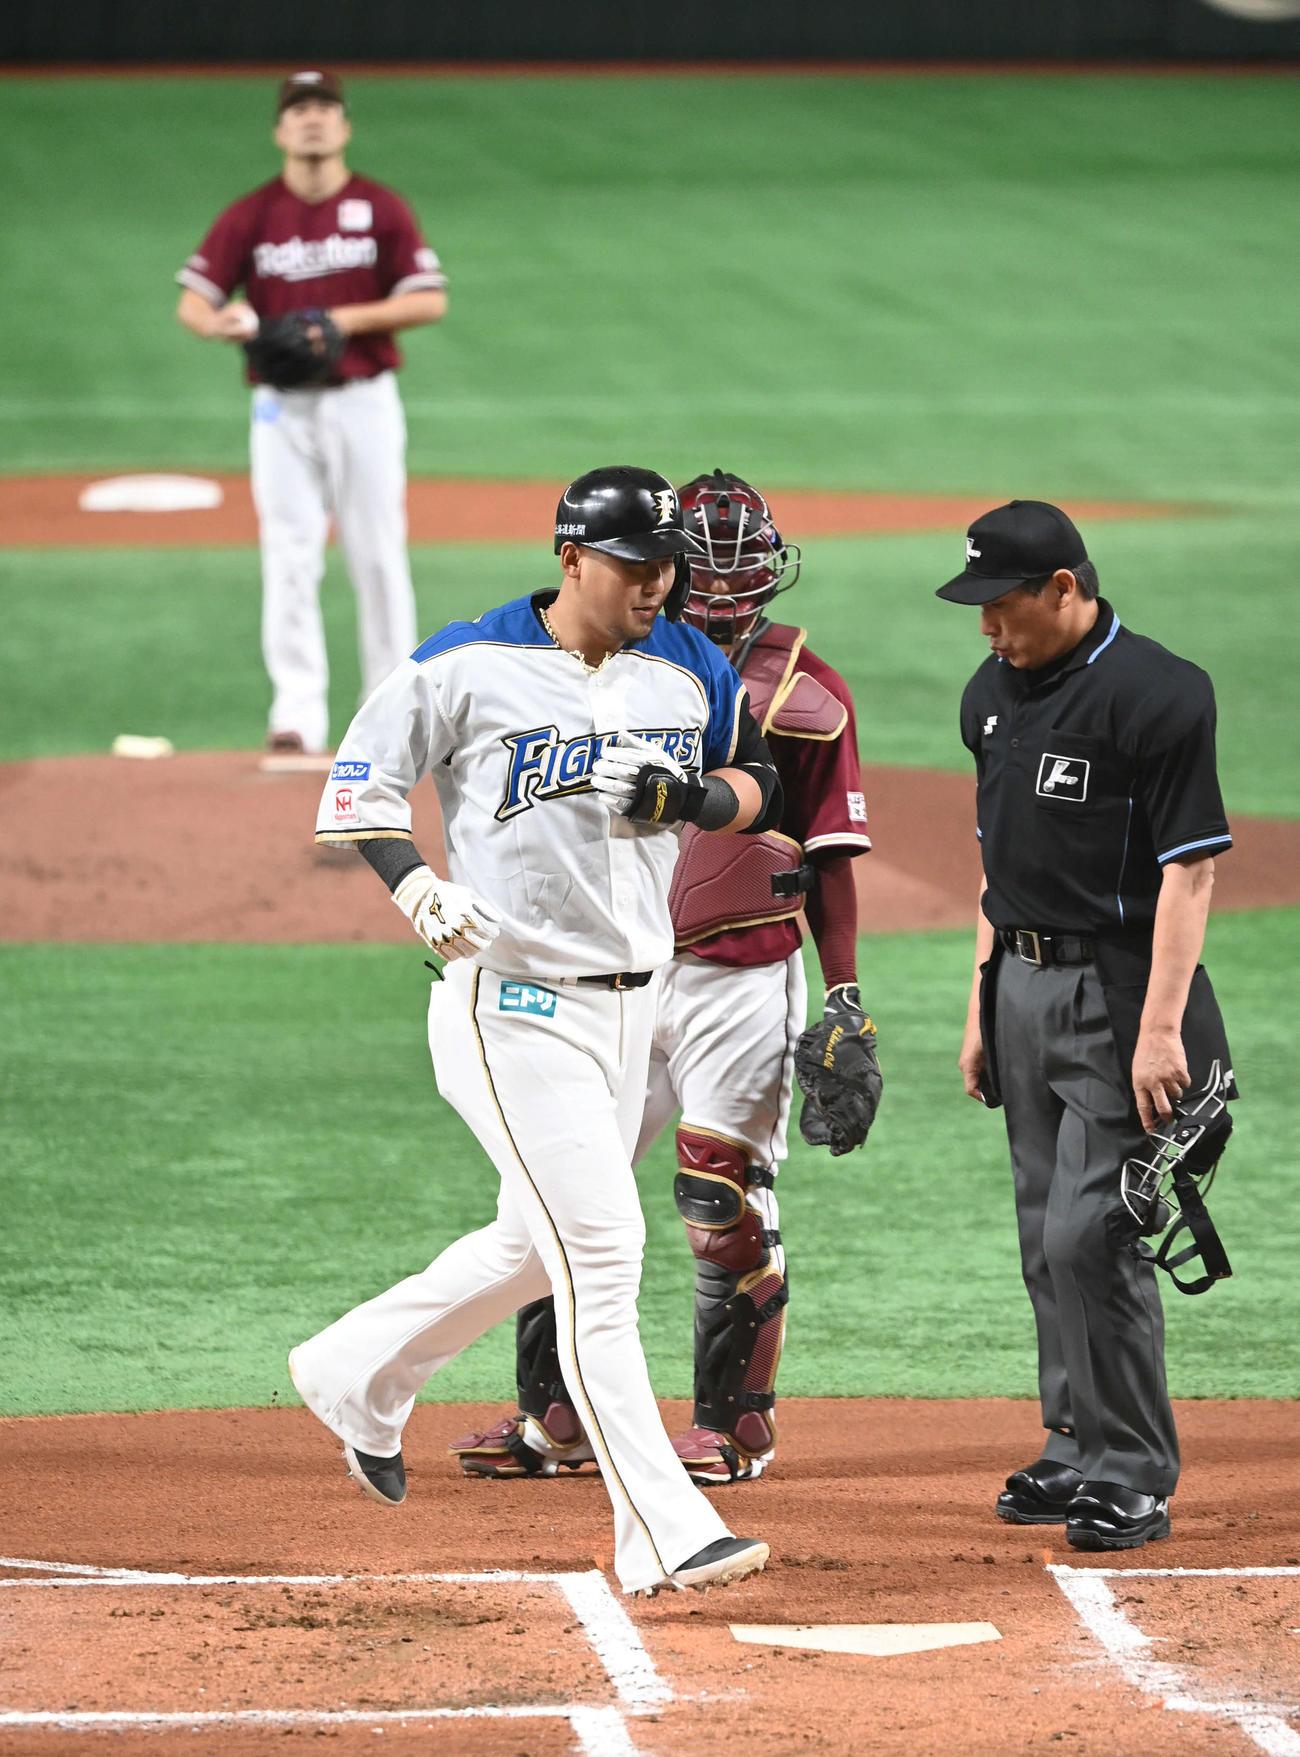 21年4月17日、日本ハム対楽天 1回裏日本ハム2死一塁、2点本塁打を放って生還する中田。後方は投手田中将